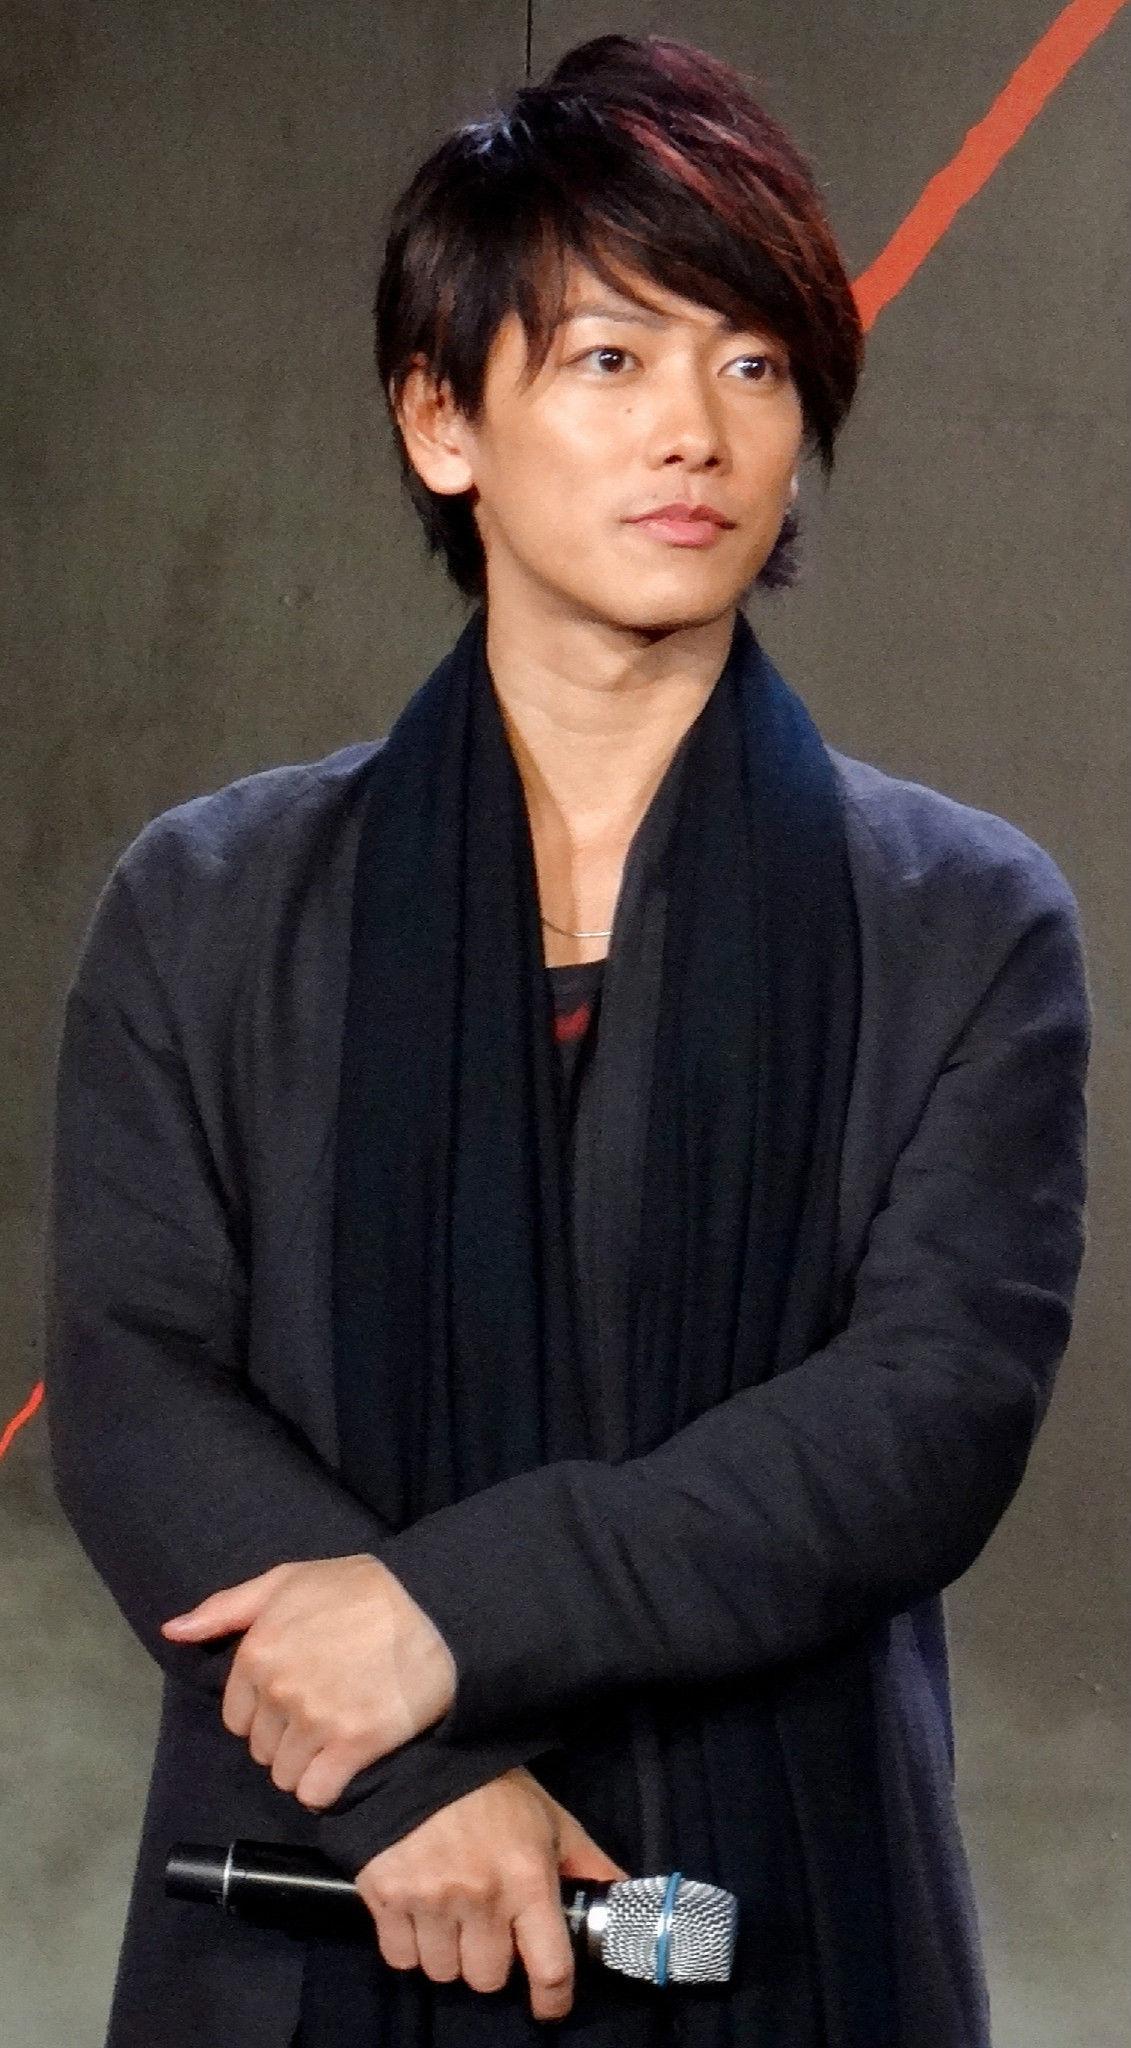 【芸能】佐藤健、沢田研二の若い頃とそっくりと話題にwww